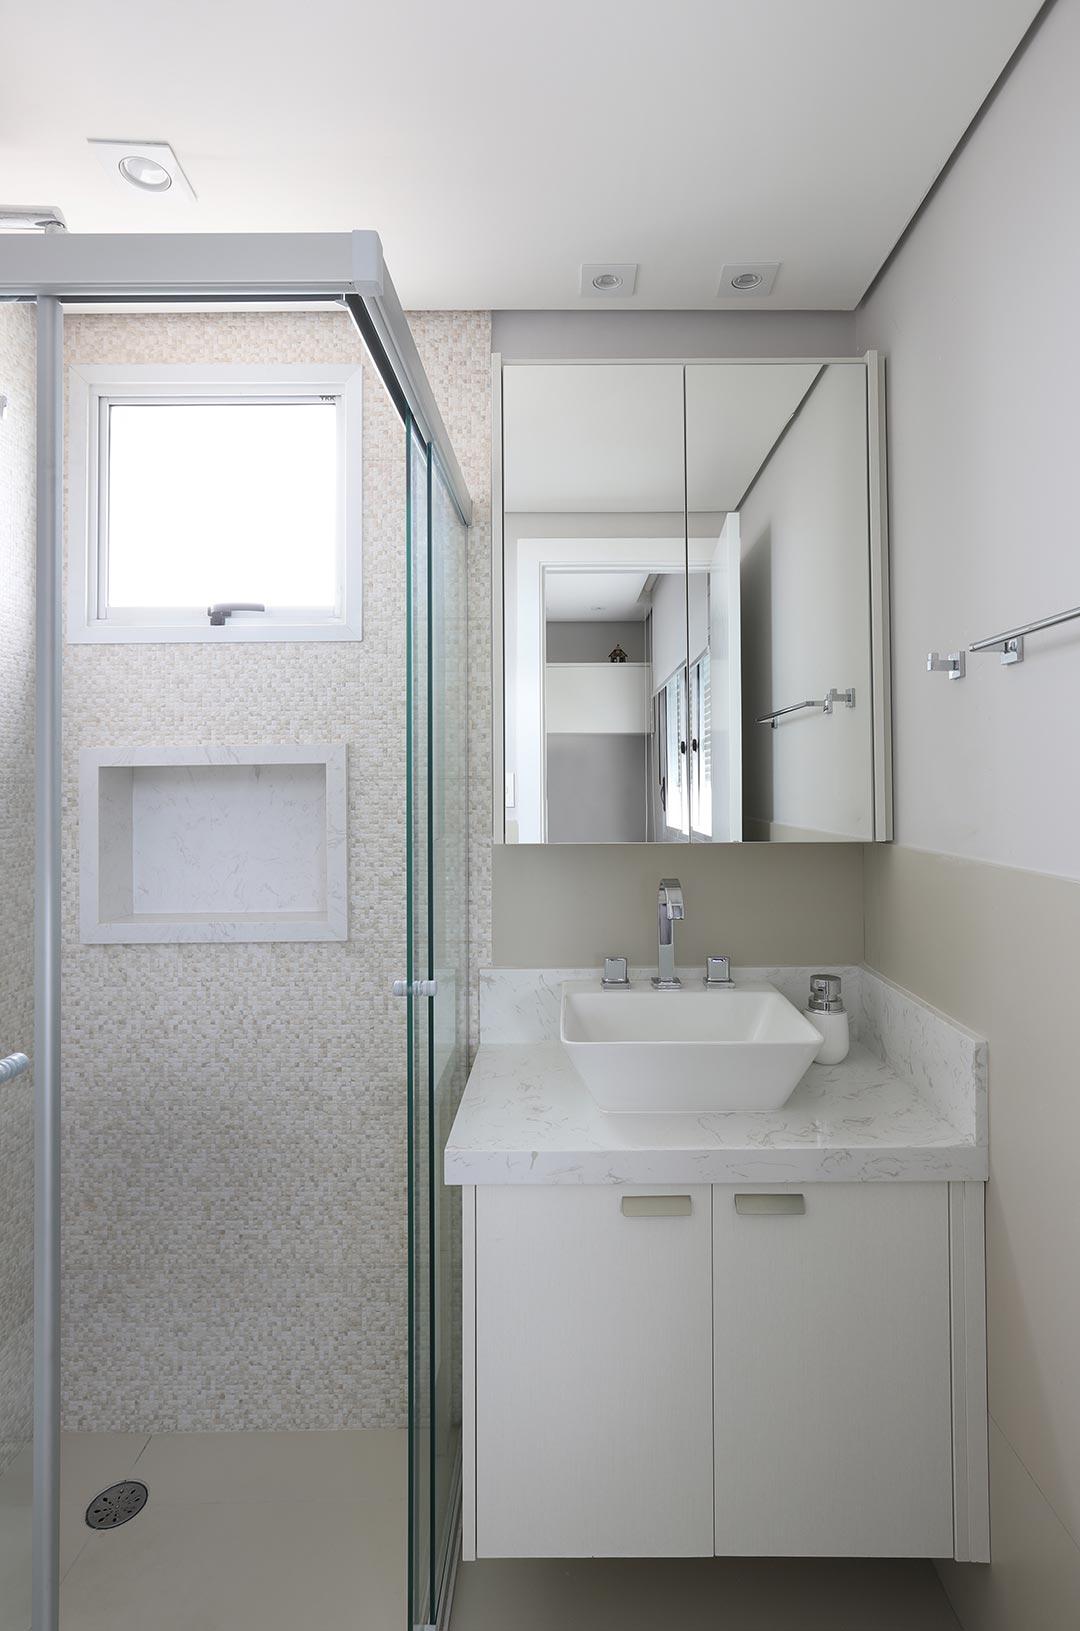 08_Banheiro-IMG_0059-1